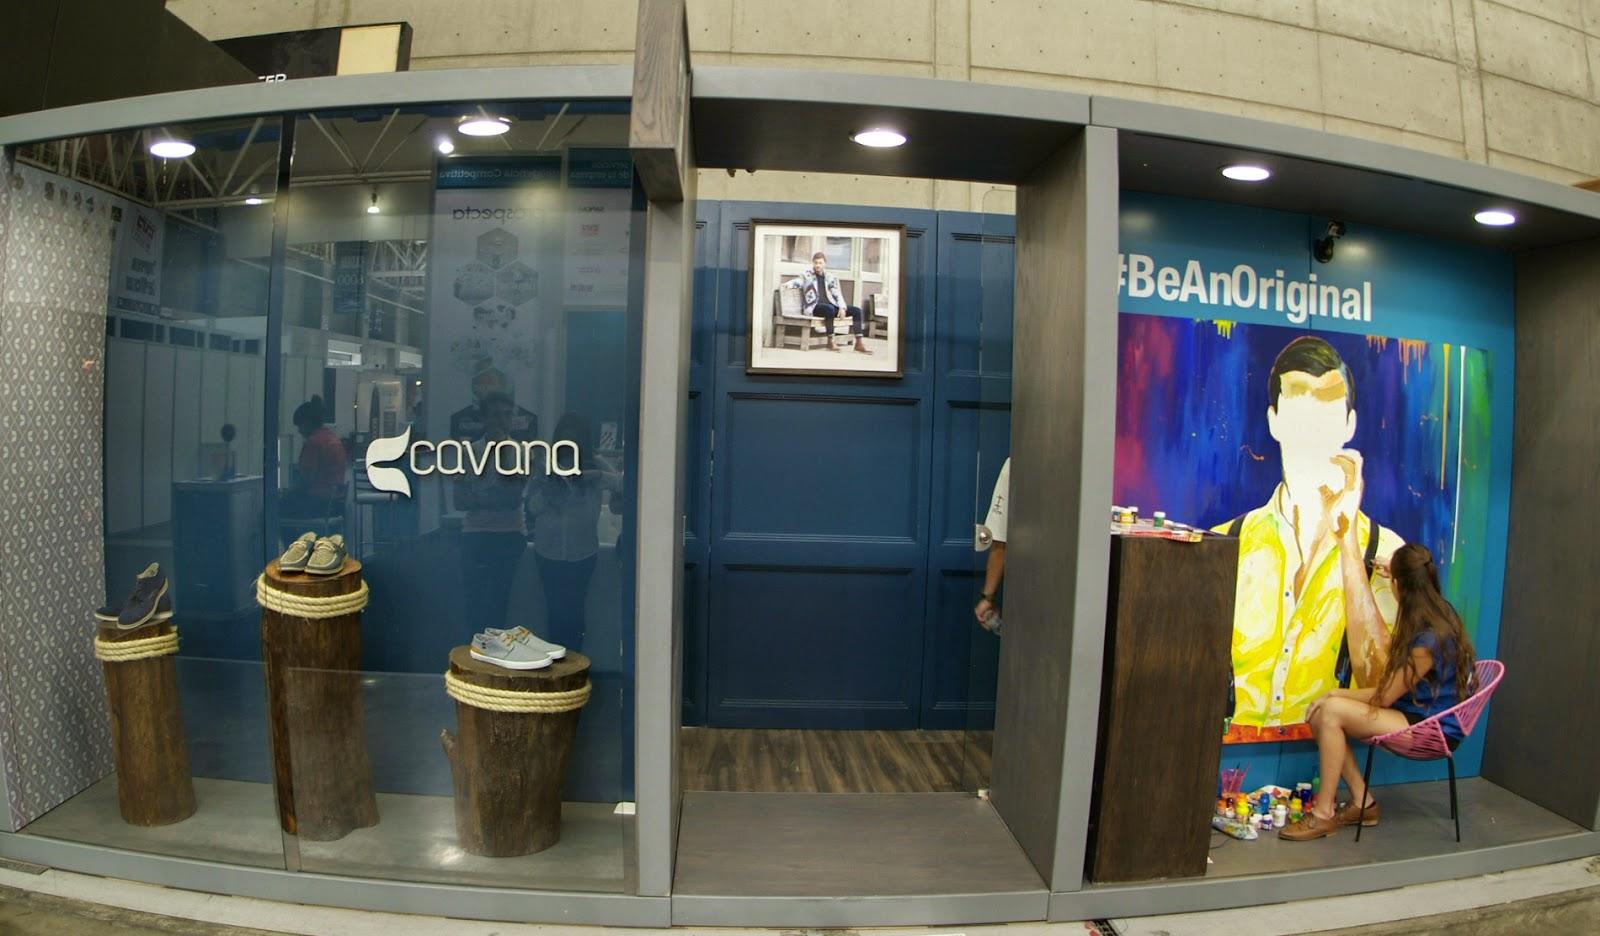 sapica agosto 2014, poliforum, exposición de calzado y artículos de piel, cavana